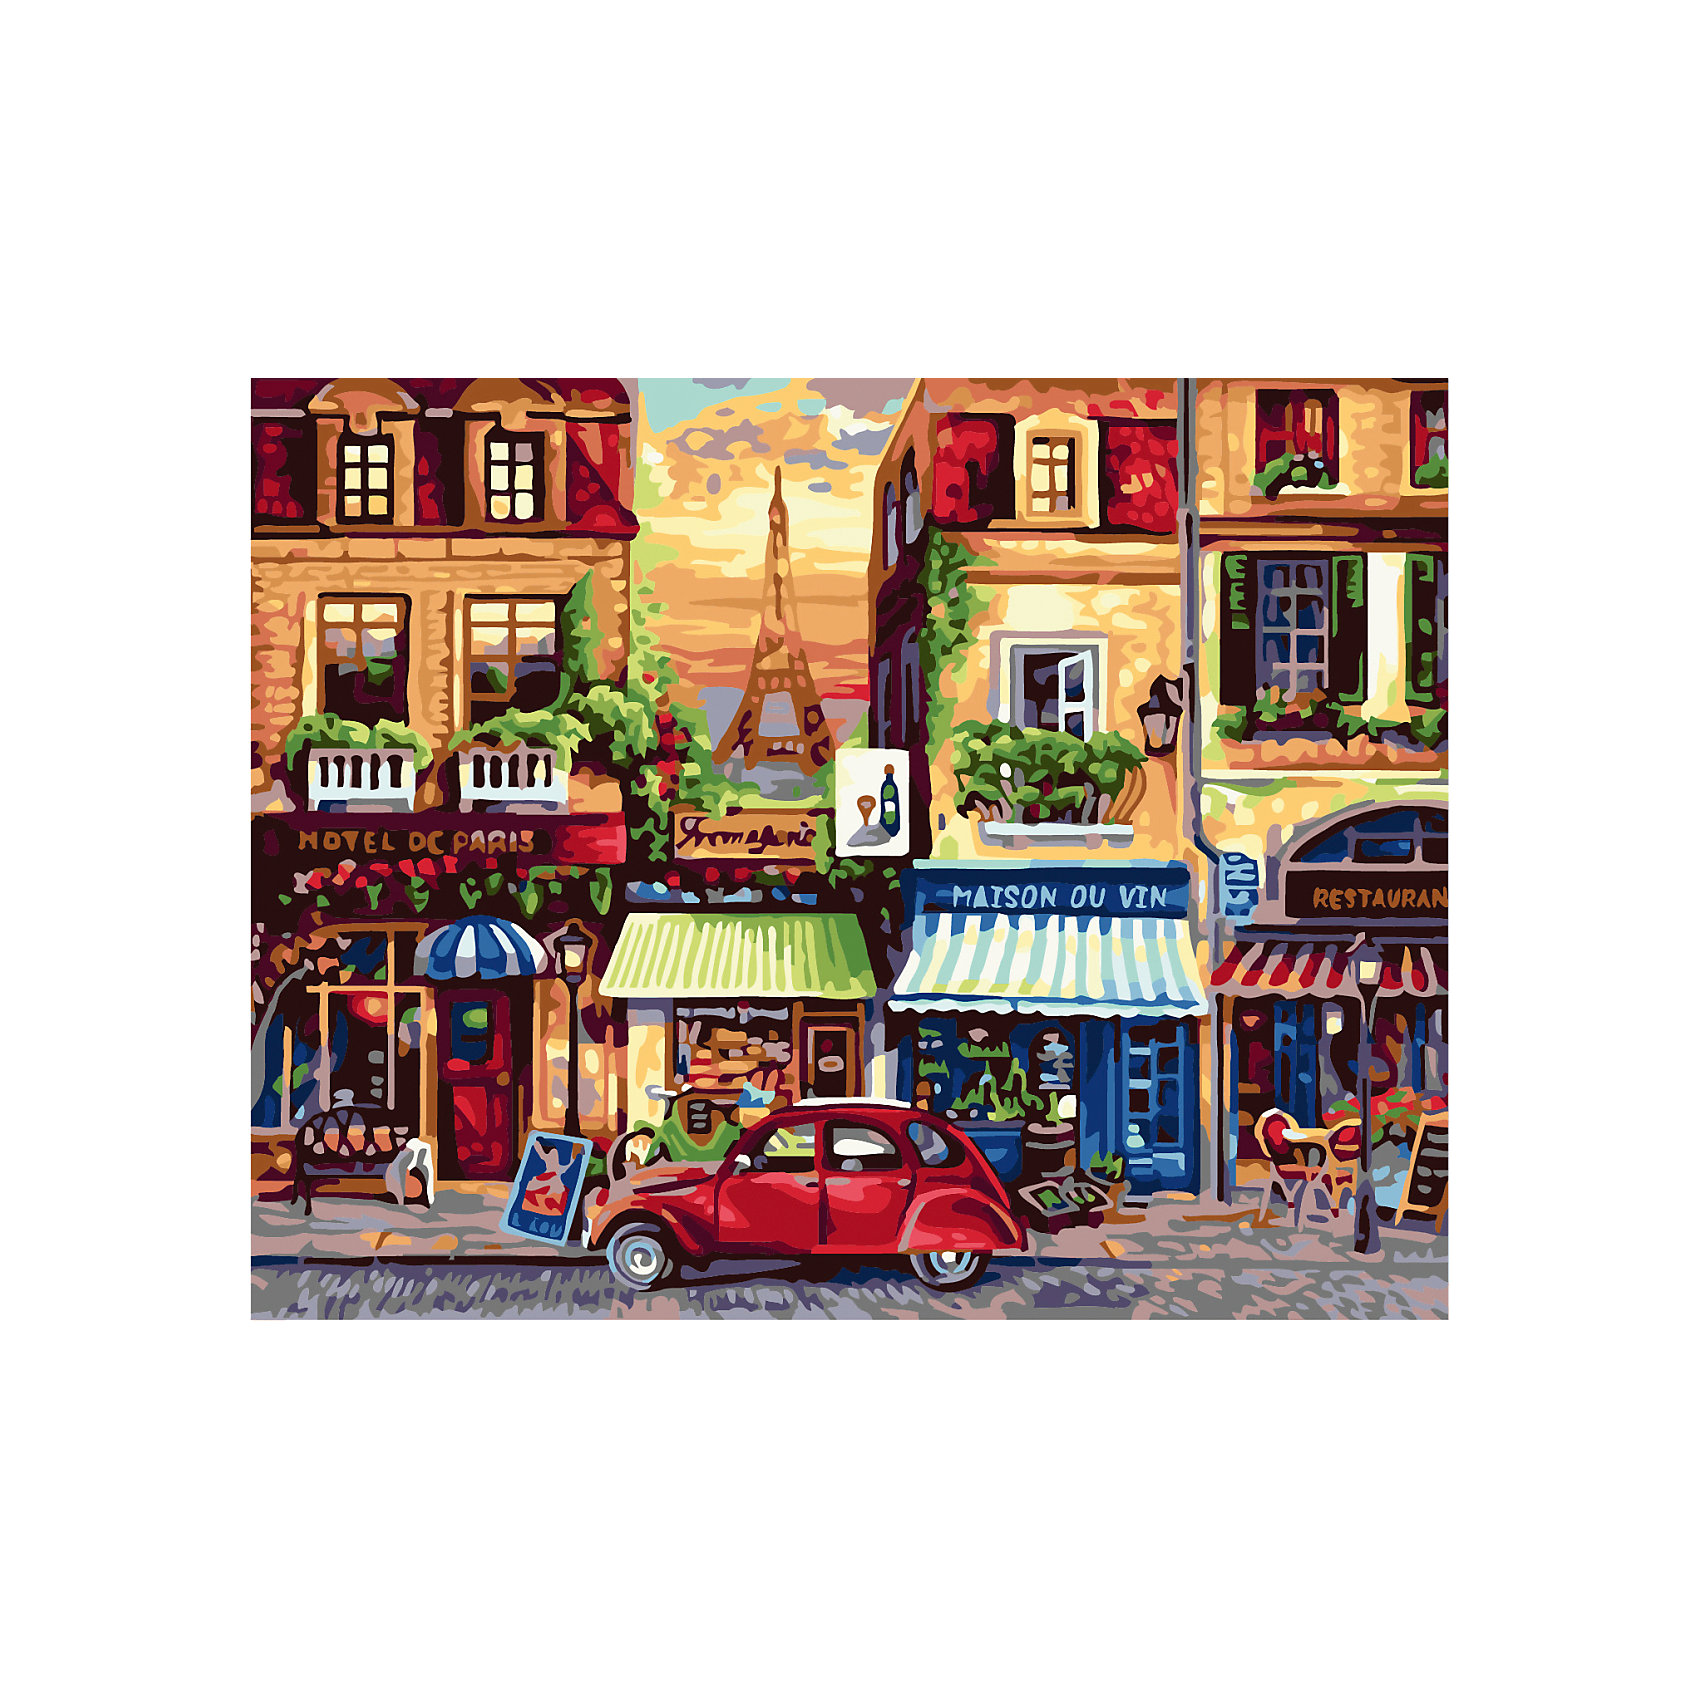 Роспись по номерам Париж 40*50 смХарактеристики товара:<br><br>- цвет: разноцветный;<br>- материал: бумага, акрил;<br>- комплектация: холст на подрамнике, кисти, краски, контрольный рисунок, инструкция;<br>- размер картины: 40х50 см;<br>- размер упаковки: 42х52х3 см.<br><br>Такой комплект для рисования станет отличным подарком и для ребенка, и для взрослого. Он помогает развить художественные навыки, поверить в свои силы, а в итоге работы получается произведение искусства, которое может украсить интерьер!<br>Основа набора - это полотно на подрамнике размером 40 на 50 сантиметров, на которое нанесены контуры рисунка, а участки пронумерованы. Каждому номеру соответствует баночка с краской определенного оттенка. Для удобного нанесения акриловых красок на водной основе в наборе есть три разные кисти, с их помощью даже мелкие детали можно аккуратно и красиво прорисовать. Чтобы контролировать процесс, можно сверяться с контрольным рисунком, на котором изображена готовая картина.<br>Роспись по такой схеме помогает развивать зрительную память, концентрацию внимания, мелкую моторику и цветовосприятие.<br><br>Роспись по номерам Париж 40*50 см можно купить в нашем интернет-магазине.<br><br>Ширина мм: 420<br>Глубина мм: 520<br>Высота мм: 50<br>Вес г: 900<br>Возраст от месяцев: 36<br>Возраст до месяцев: 2147483647<br>Пол: Унисекс<br>Возраст: Детский<br>SKU: 5117434